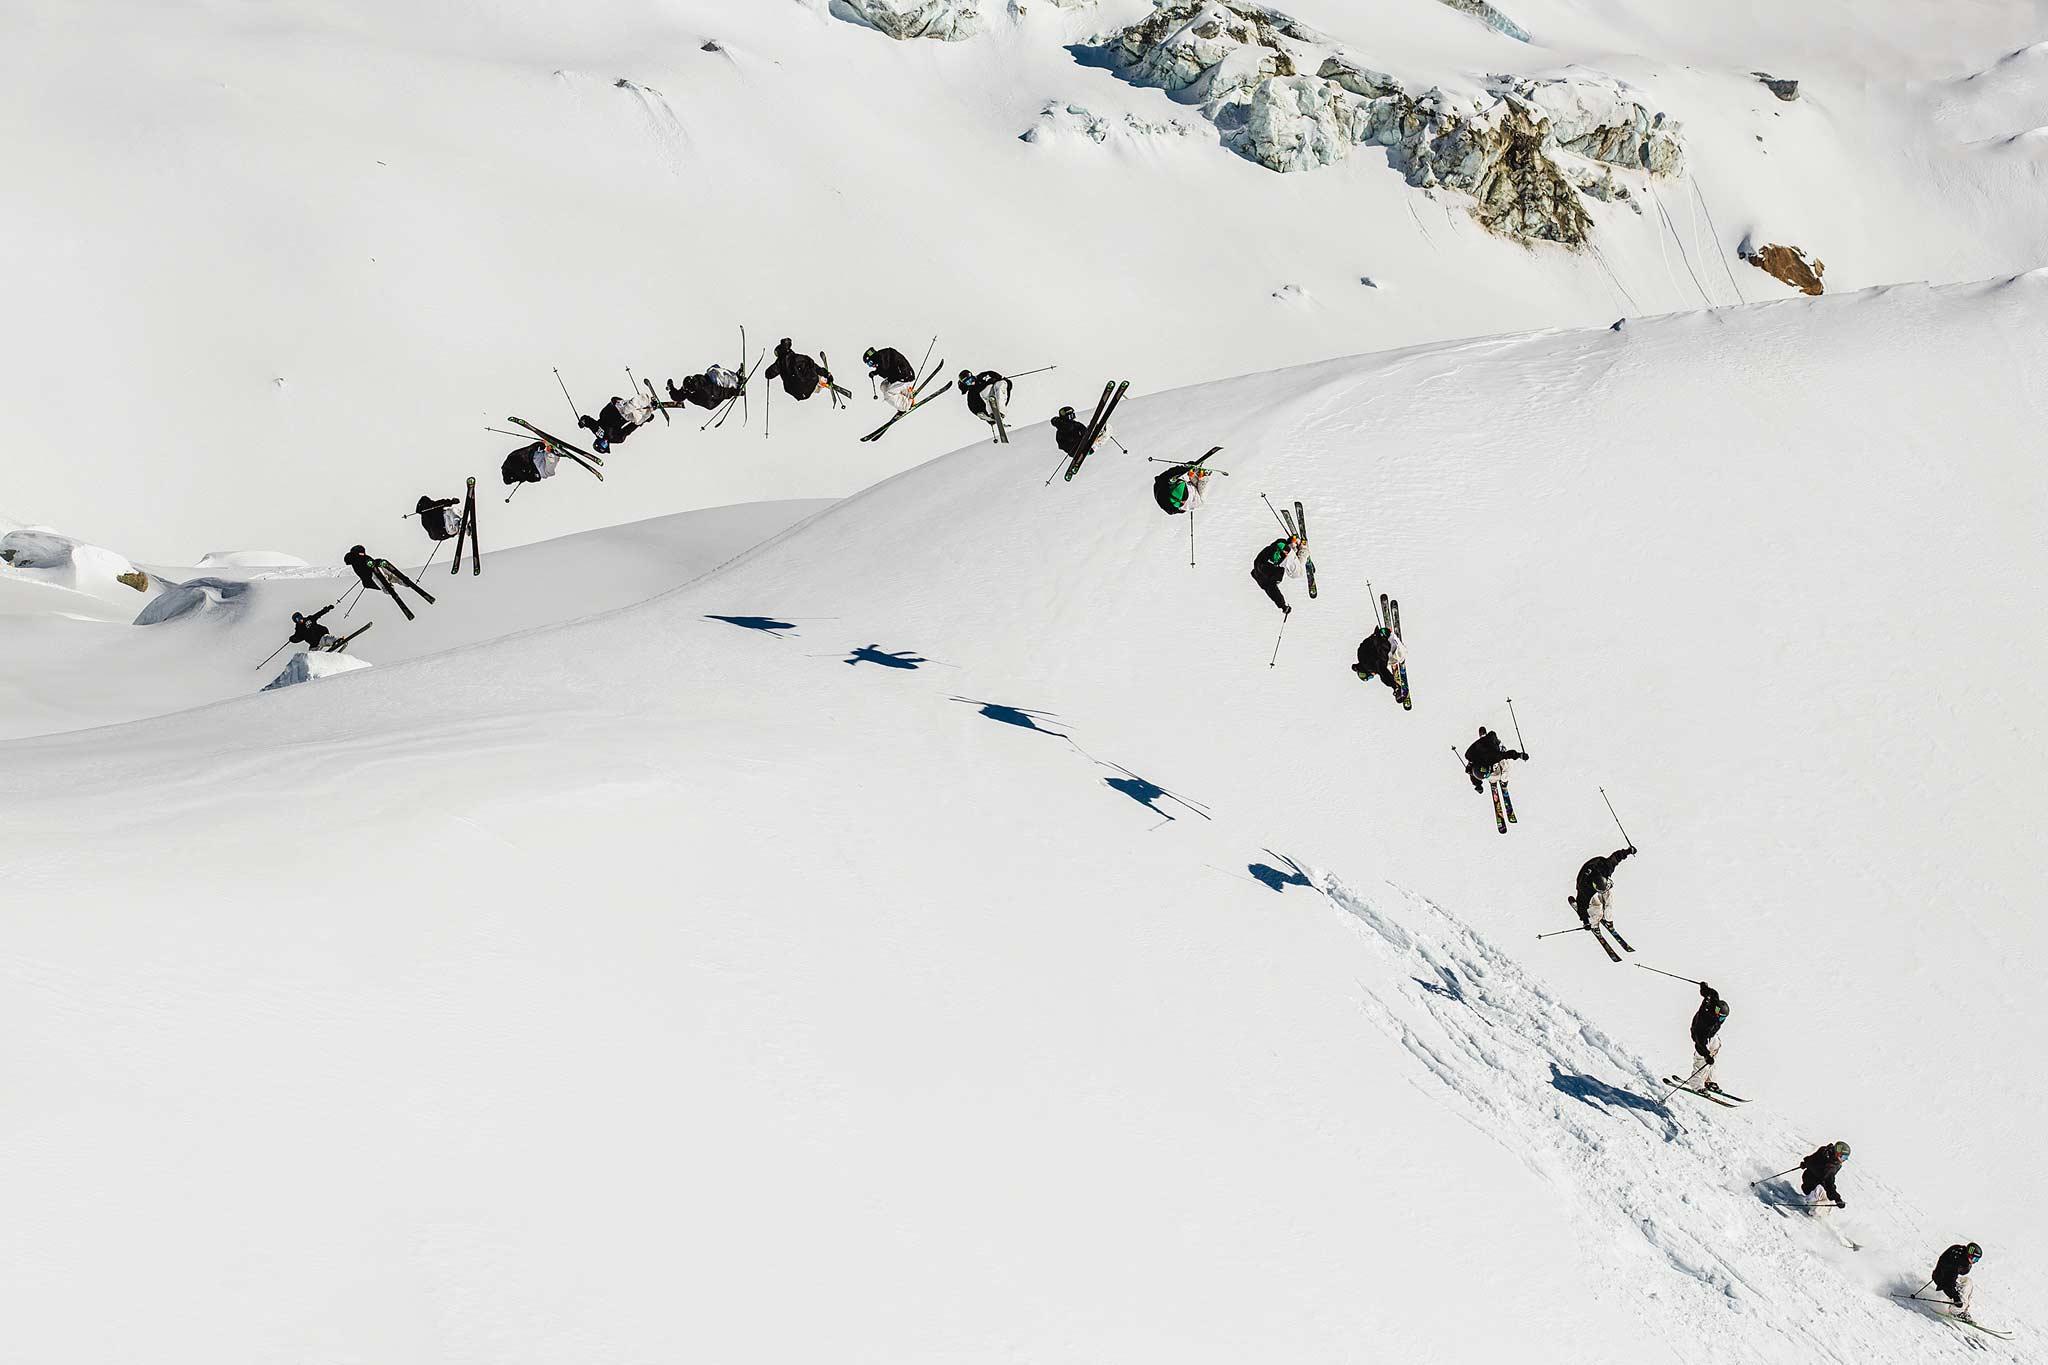 Henrik macht mittlerweile auf BC-Jumps die gleichen Tricks wie im Park - beeindruckend! - Location: Chamonix - Foto: Sofia Sjoeberg